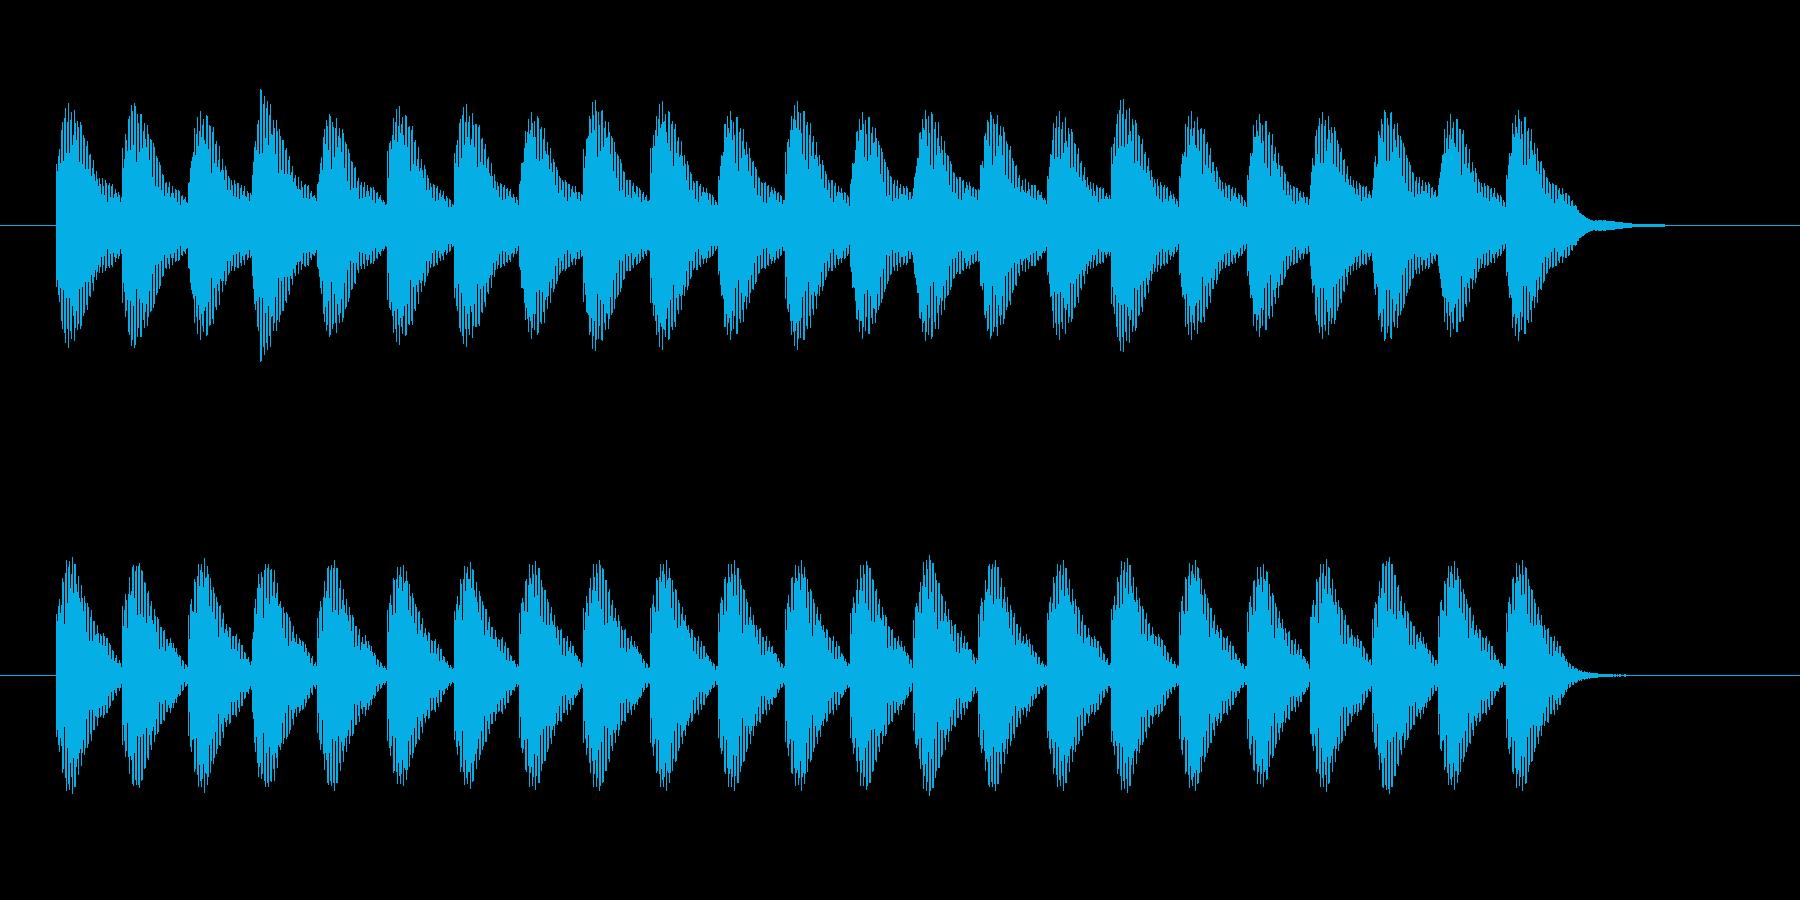 カンカンカンカンの再生済みの波形